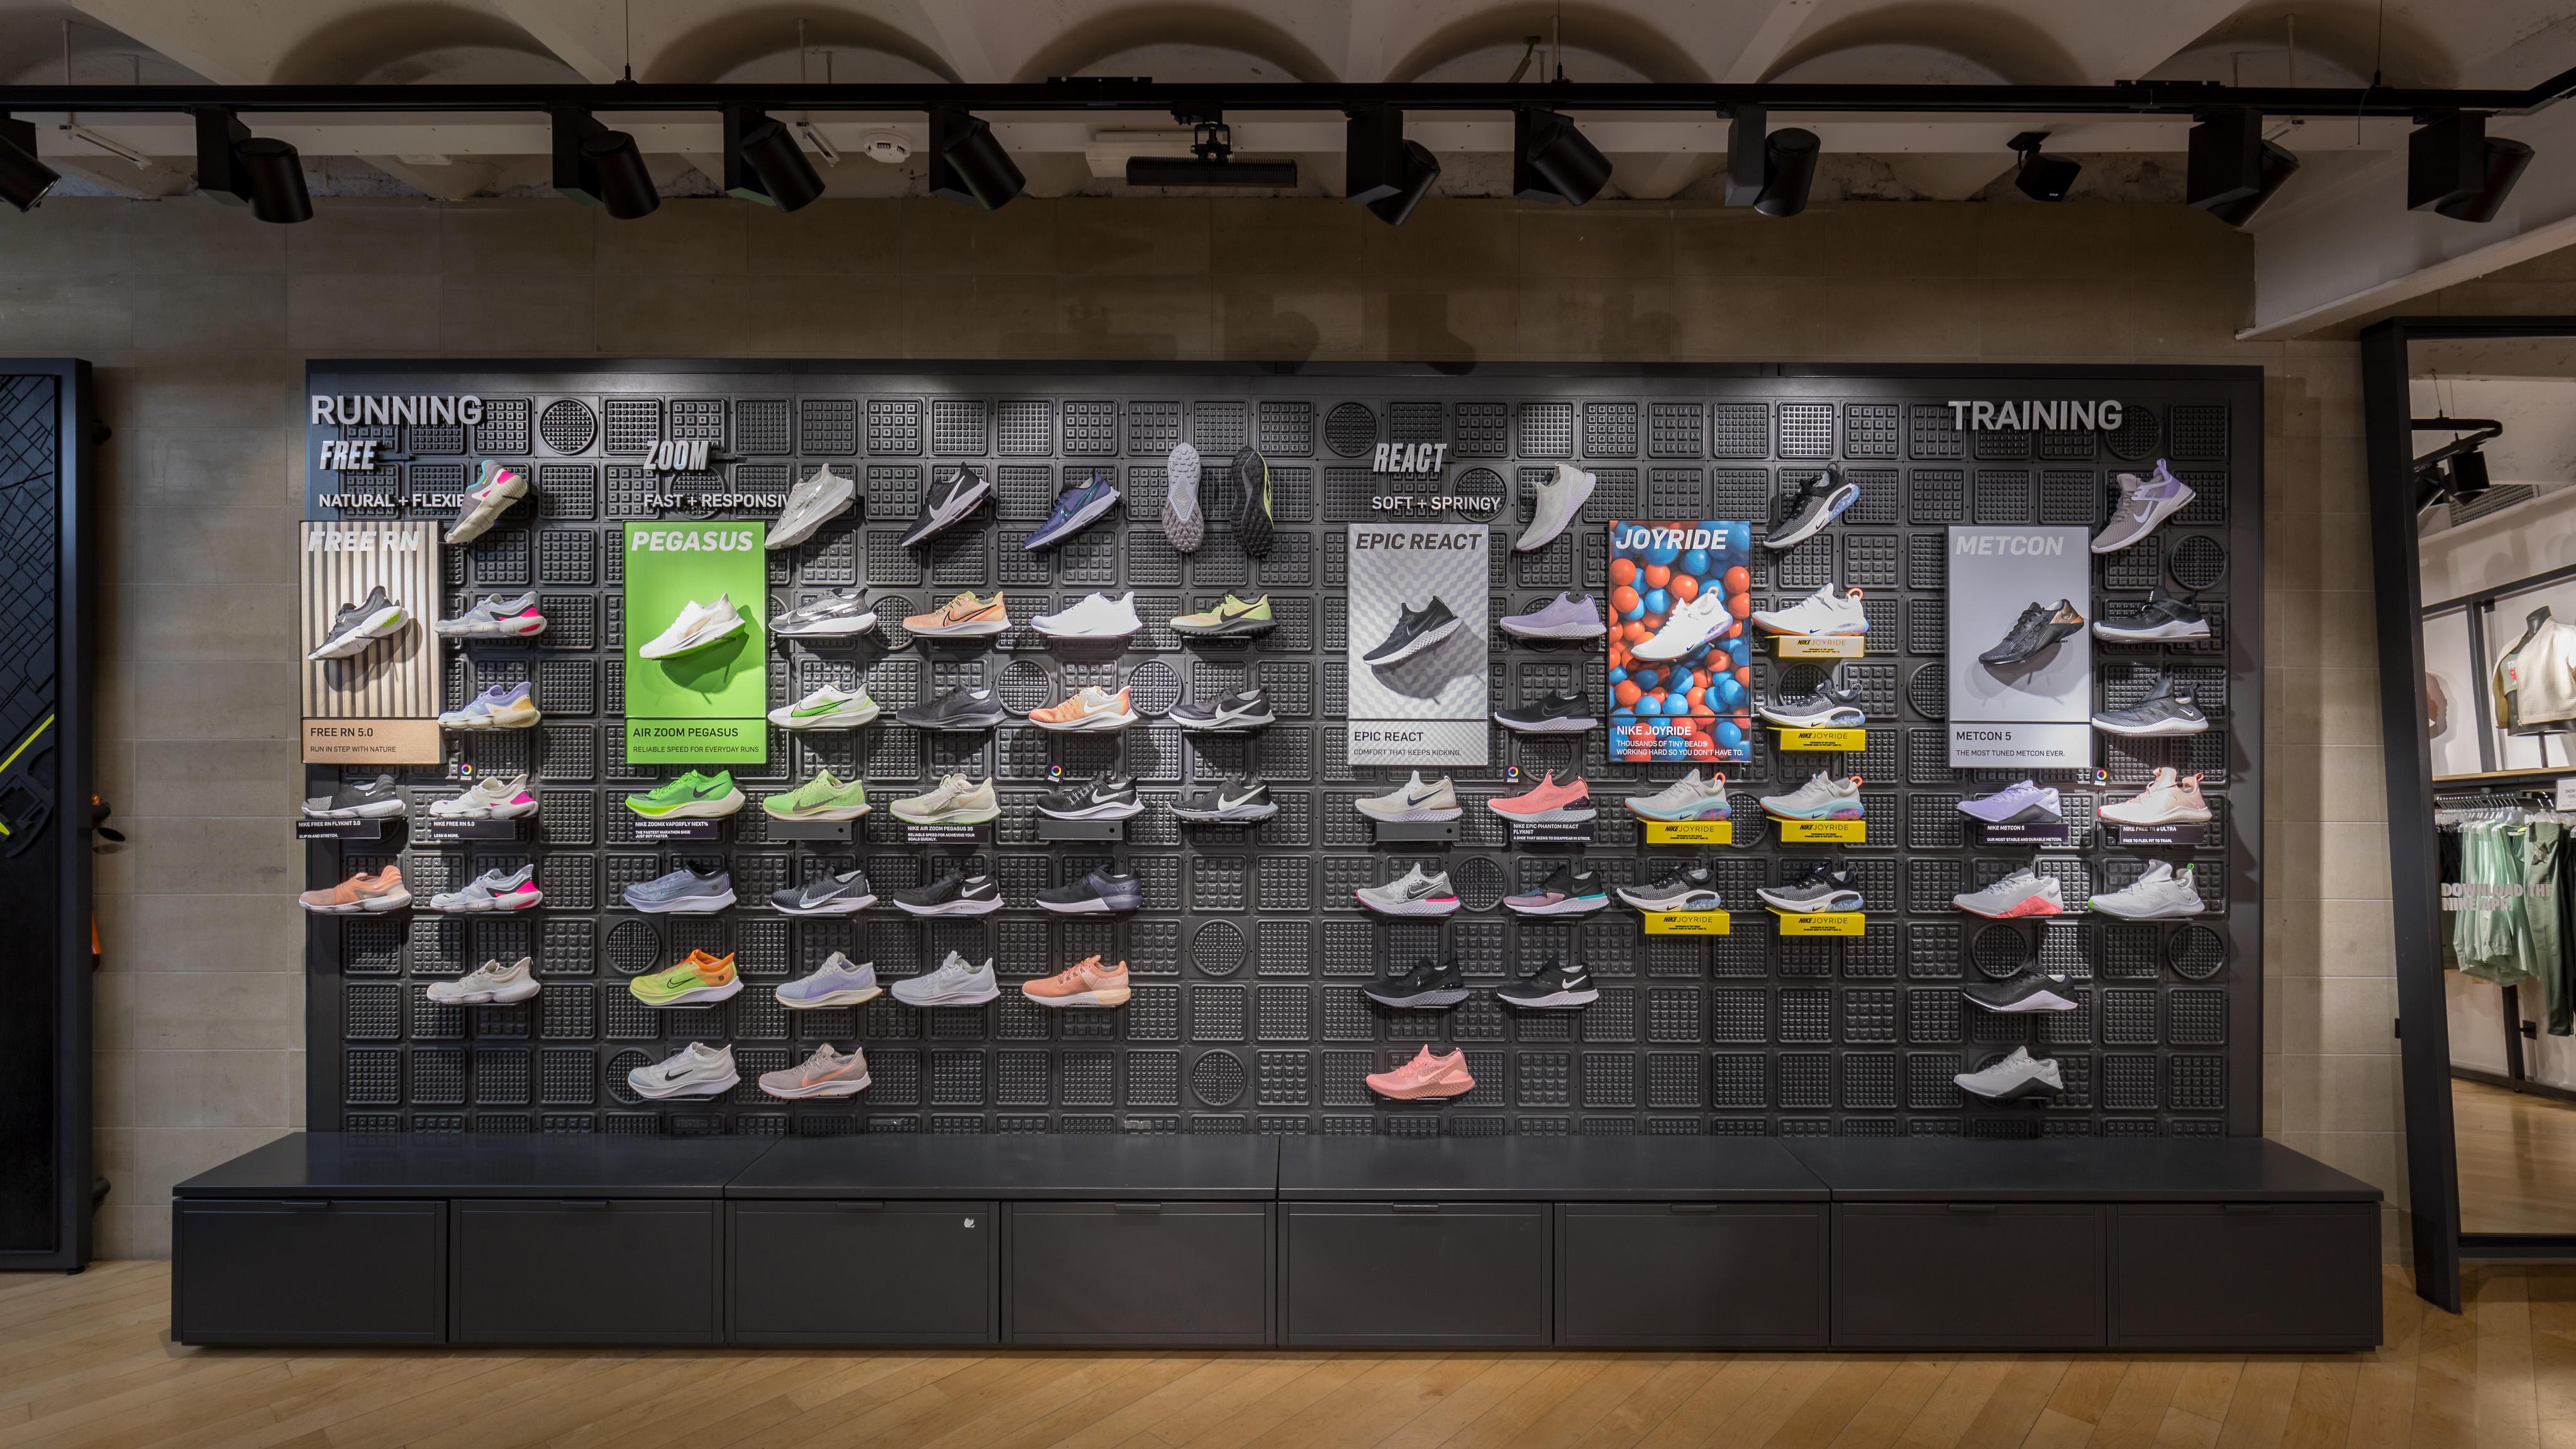 Parpadeo fe Poner a prueba o probar  Nike Store - Las Ramblas - Deportes Y Ocio: Artículos Y Ropas (Al Por Menor  Y Accesorios) en Barcelona (dirección, horarios, opiniones, TEL: 933015...)  - Infobel